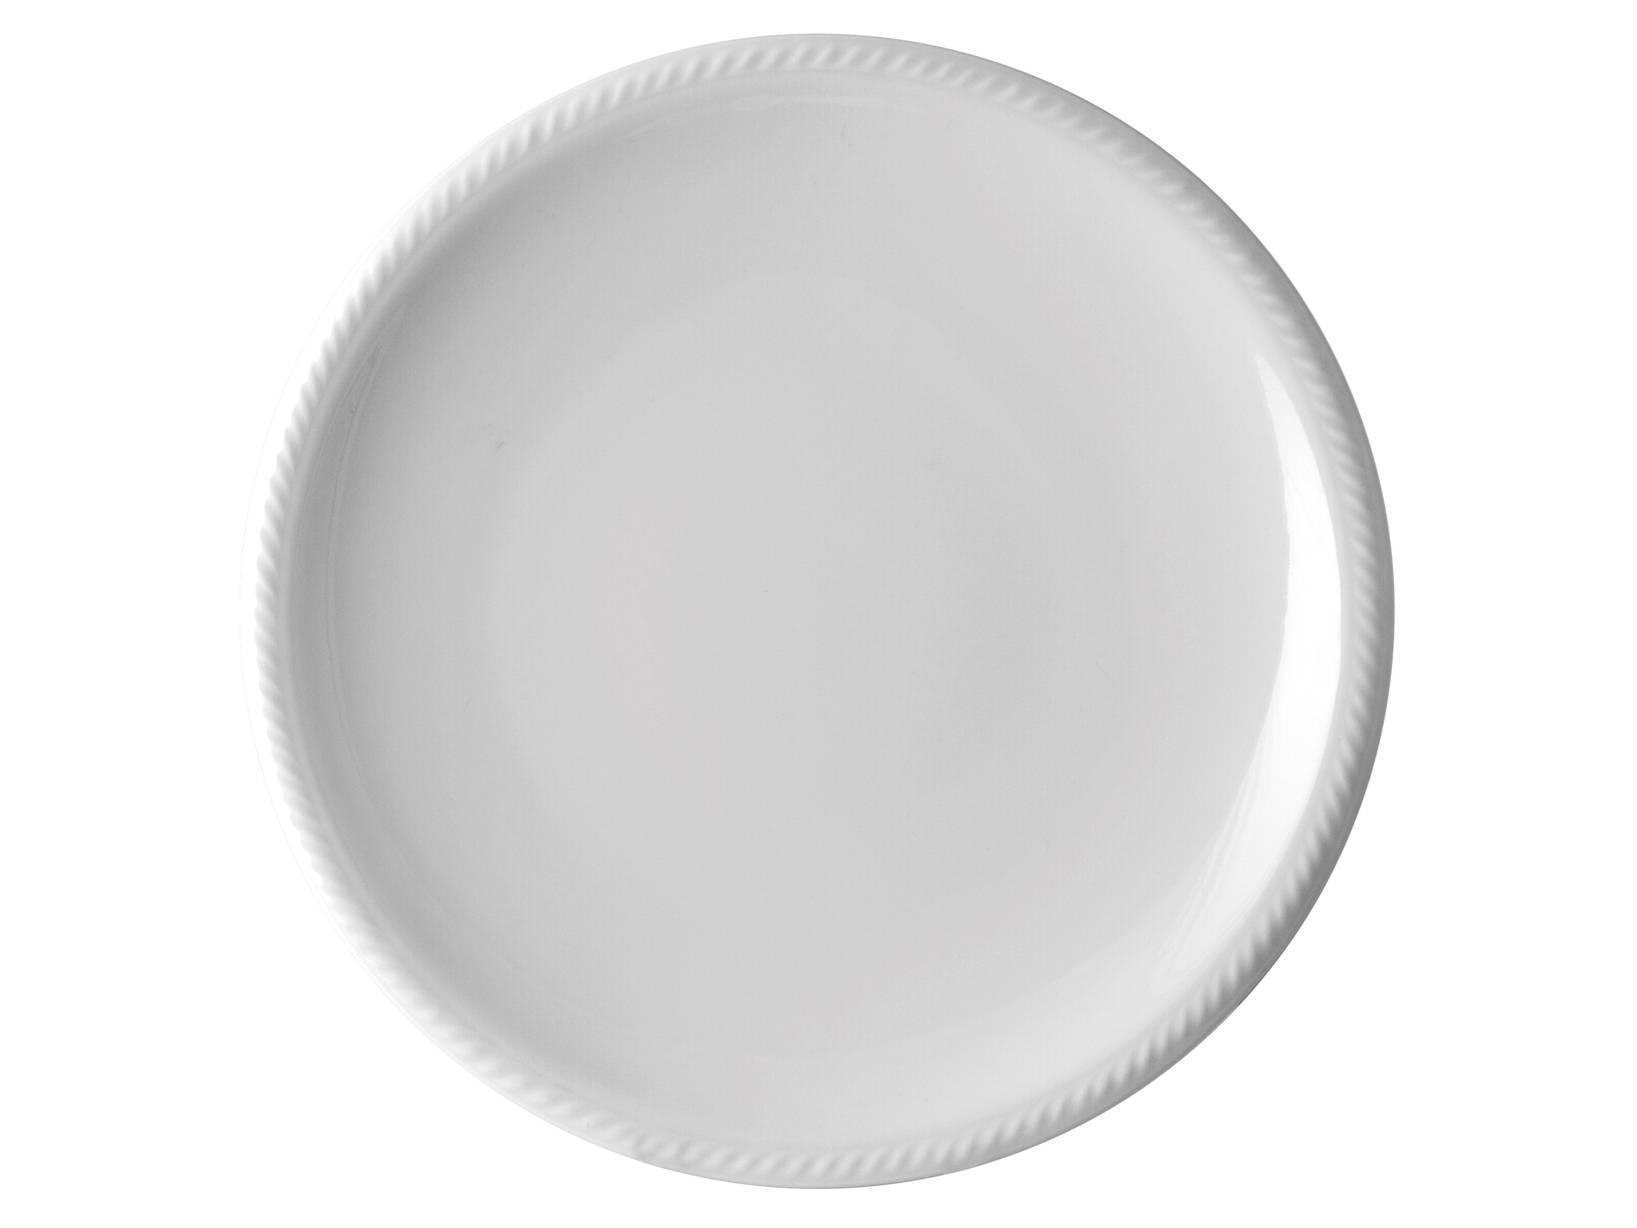 Piatto In Porcellana Lido Bianco Tavola Piano Cm26